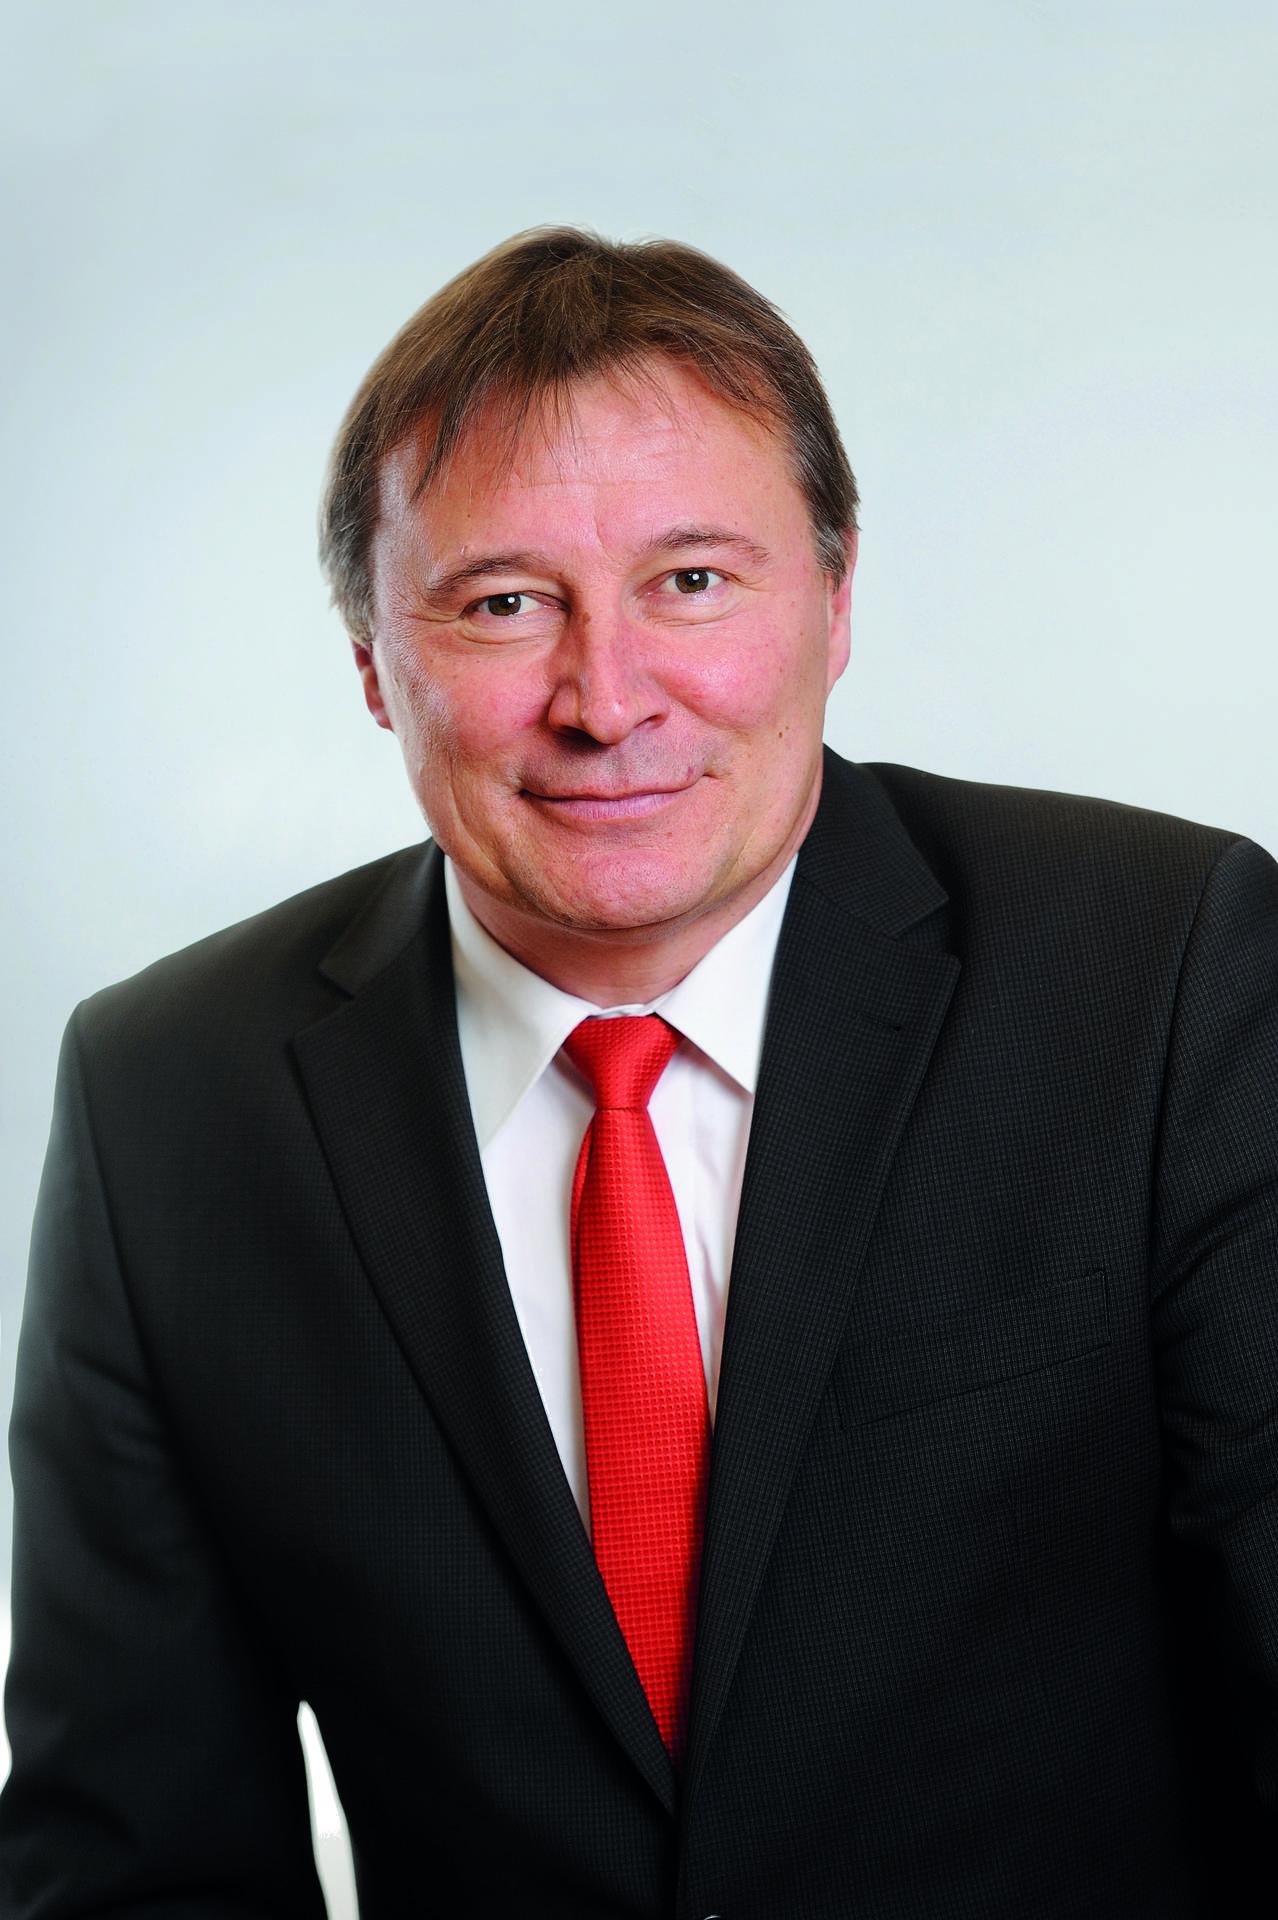 Stefan Rehm  ist im Vorstand des Diakonischen Werkes Hamburg zuständig u. a. für die Fachbereiche Pflege und Senioren sowie Finanzen.